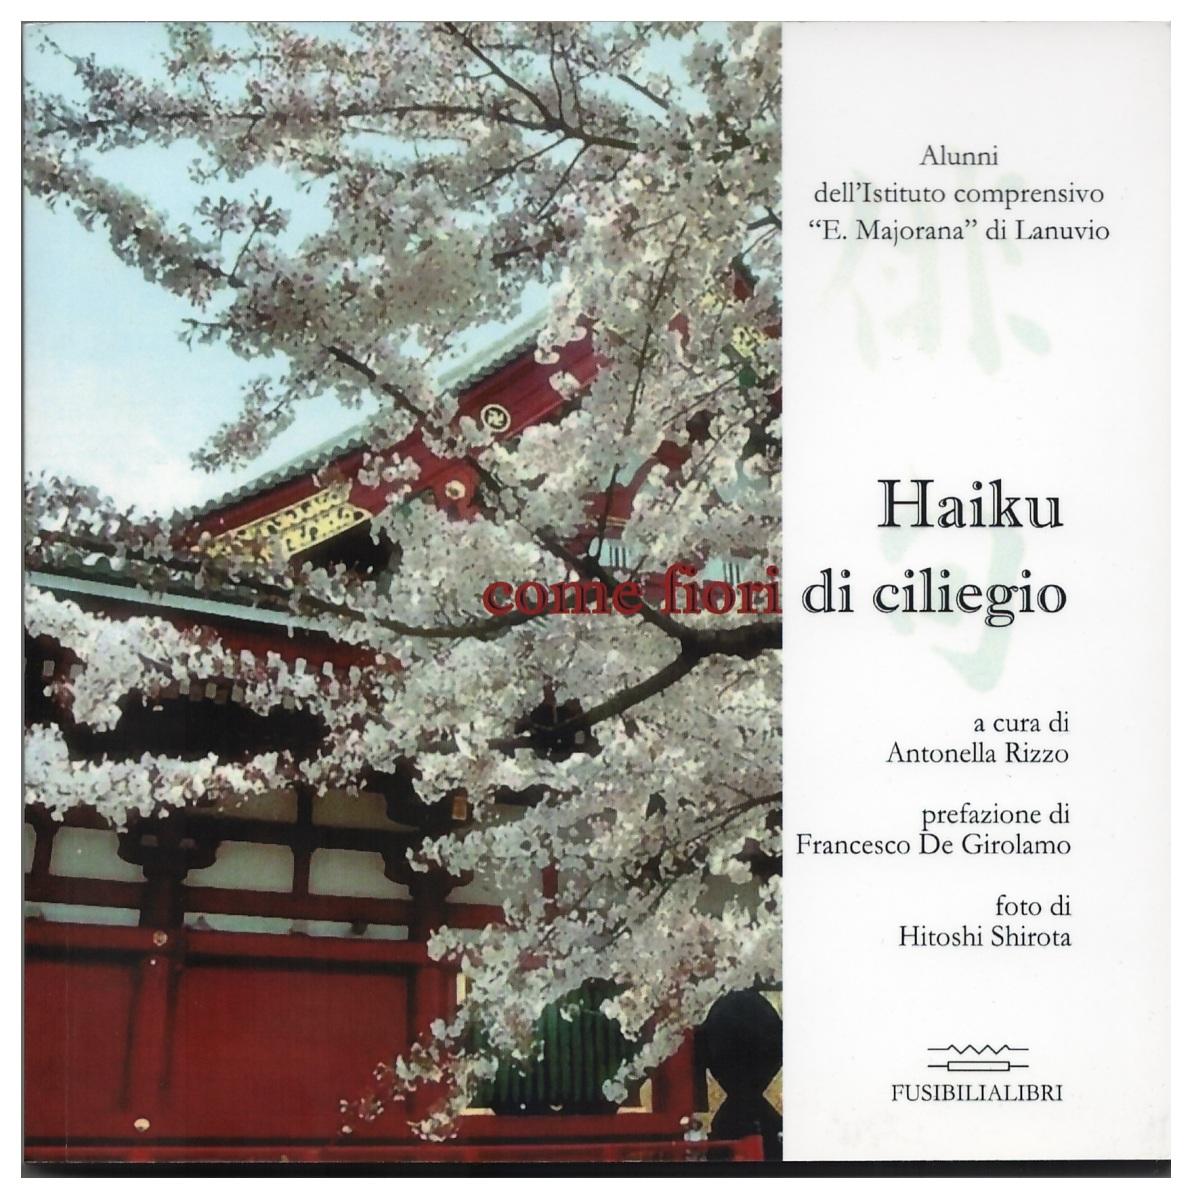 Haiku come fiori di ciliegio